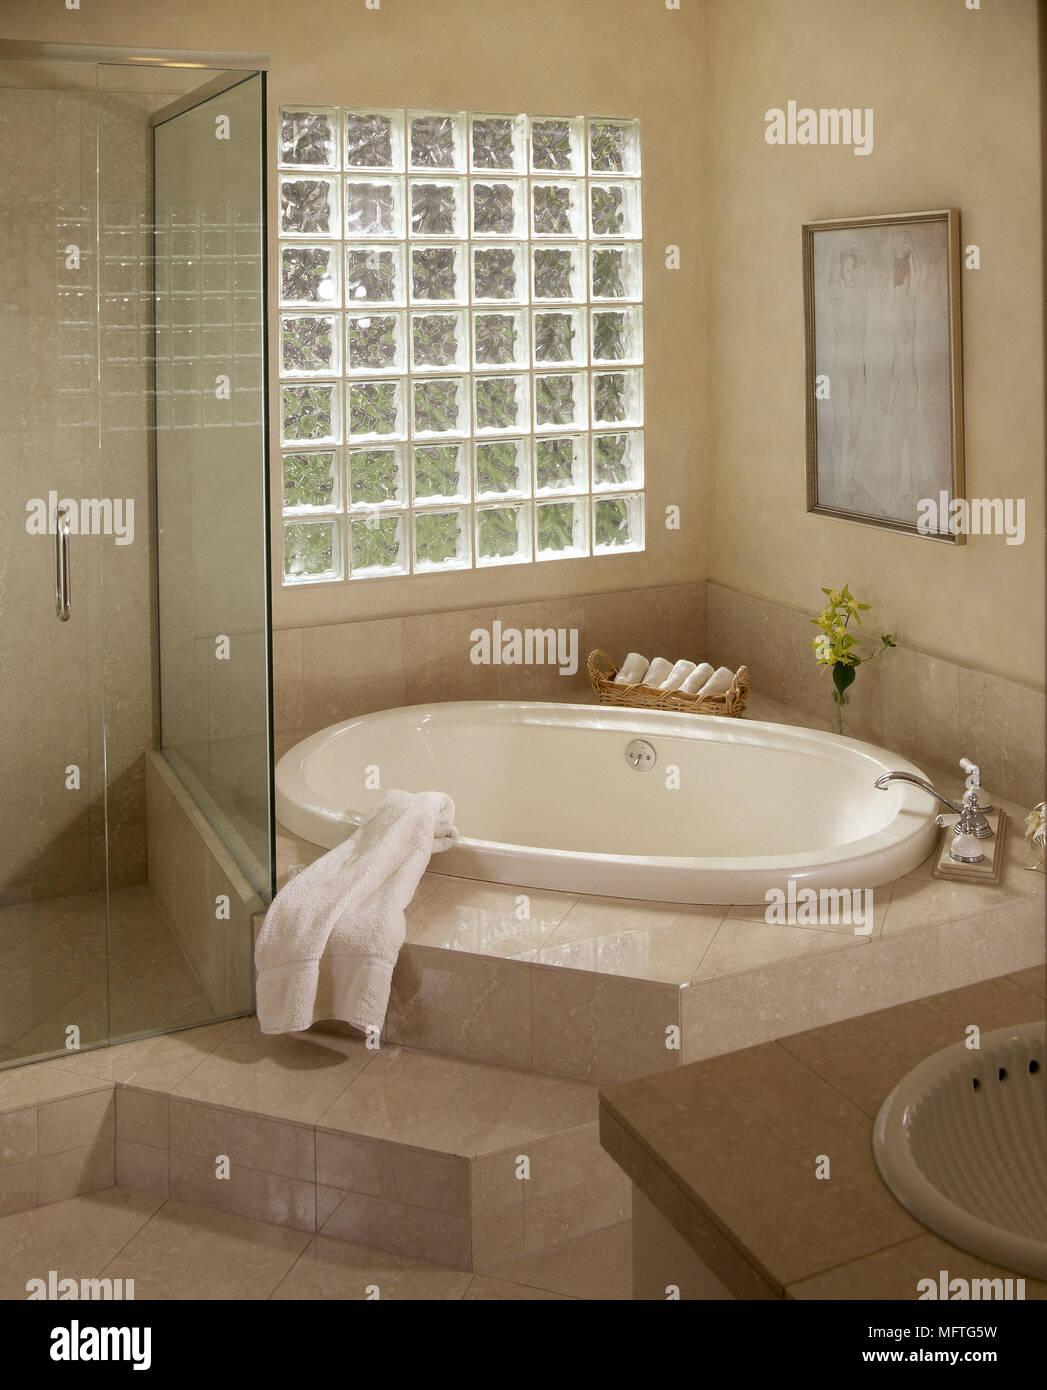 https www alamyimages fr salle de bains baignoire encastree moderne en brique de verre verre fenetre douche carrelee salles interieurs ecran bains douches couleurs chaudes carrelage image181863077 html